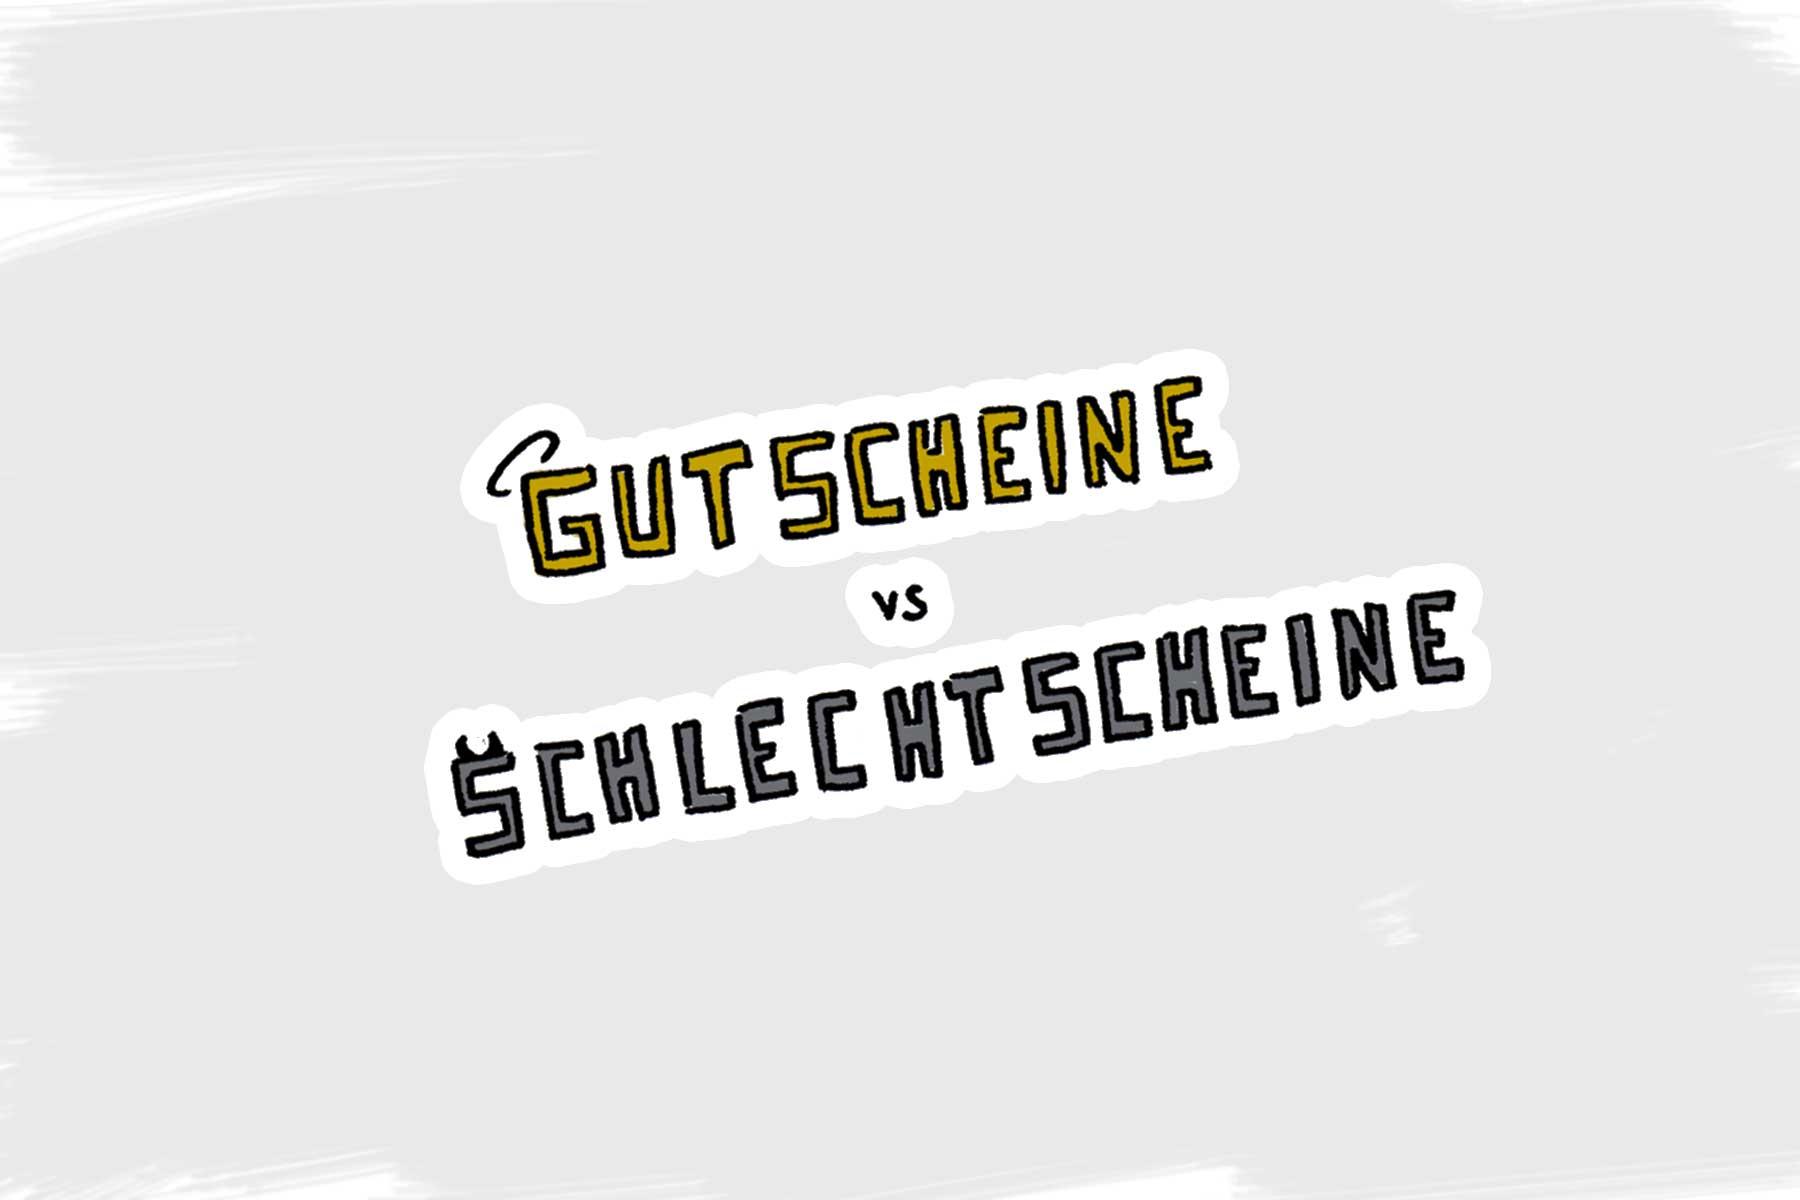 Gutscheine vs. Schlechtscheine